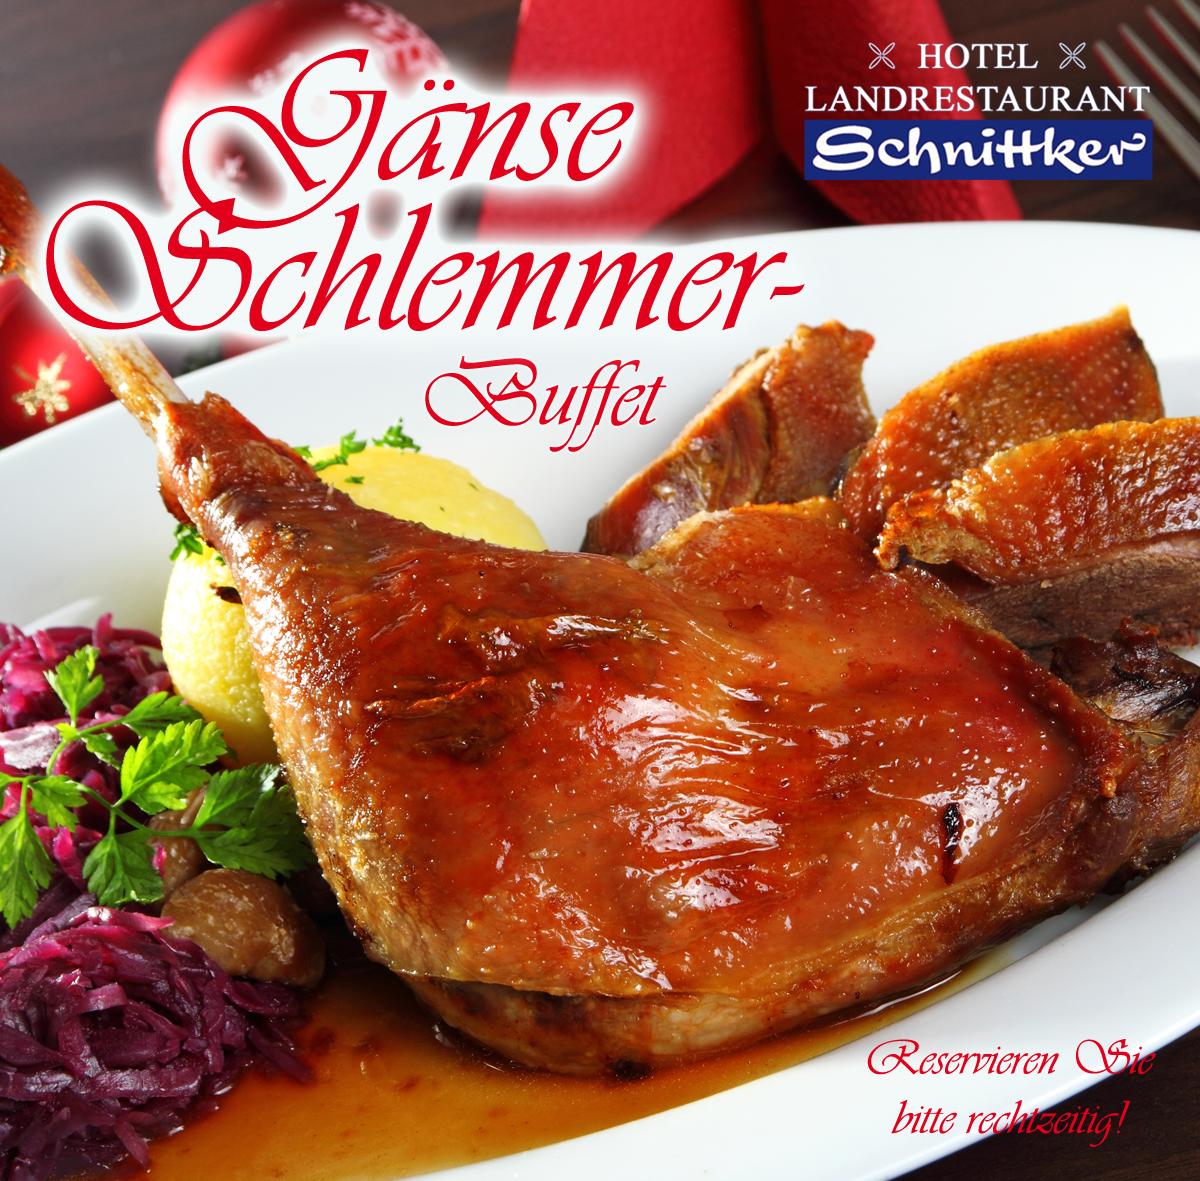 Gänse Schlemmerbuffet